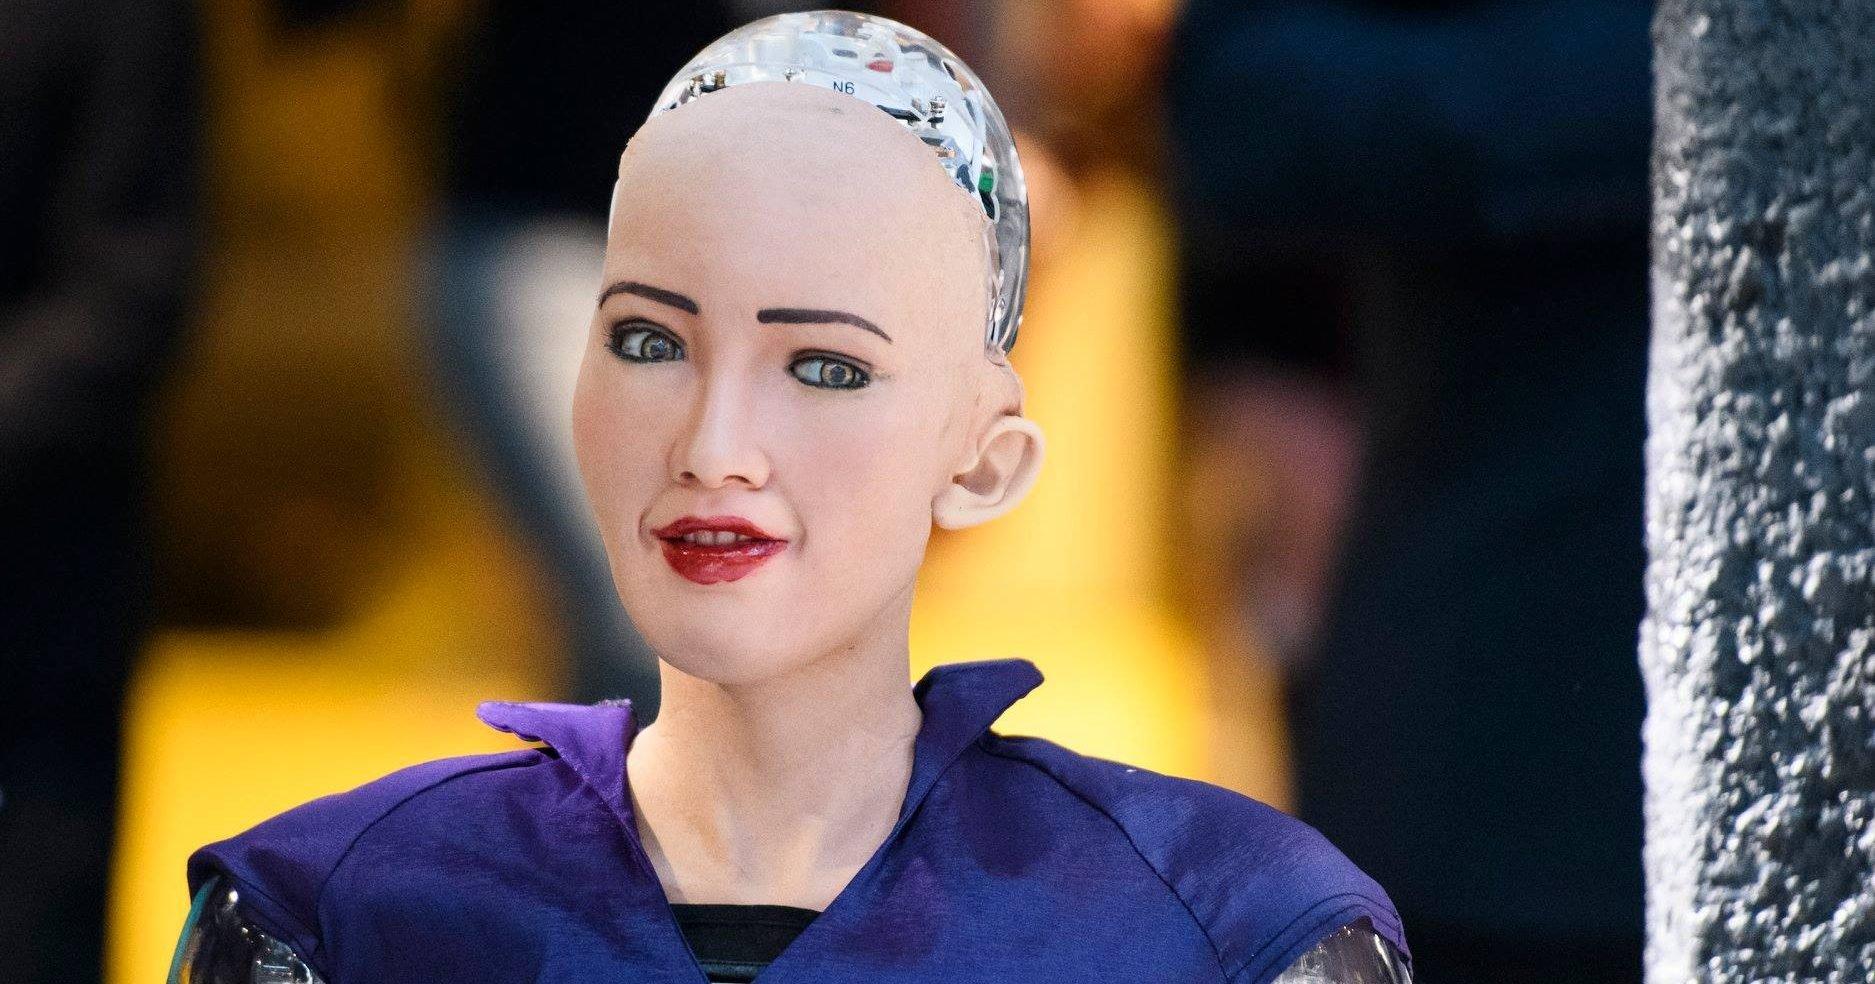 Всесвітньо відома робот-жінка Софія приїхала в Київ і провела  прес-конференцію. До Києва приїхала всесвітньо відомий гіноїд (робот-жінка)  Софія і провела ... 016e1ff9db8c0